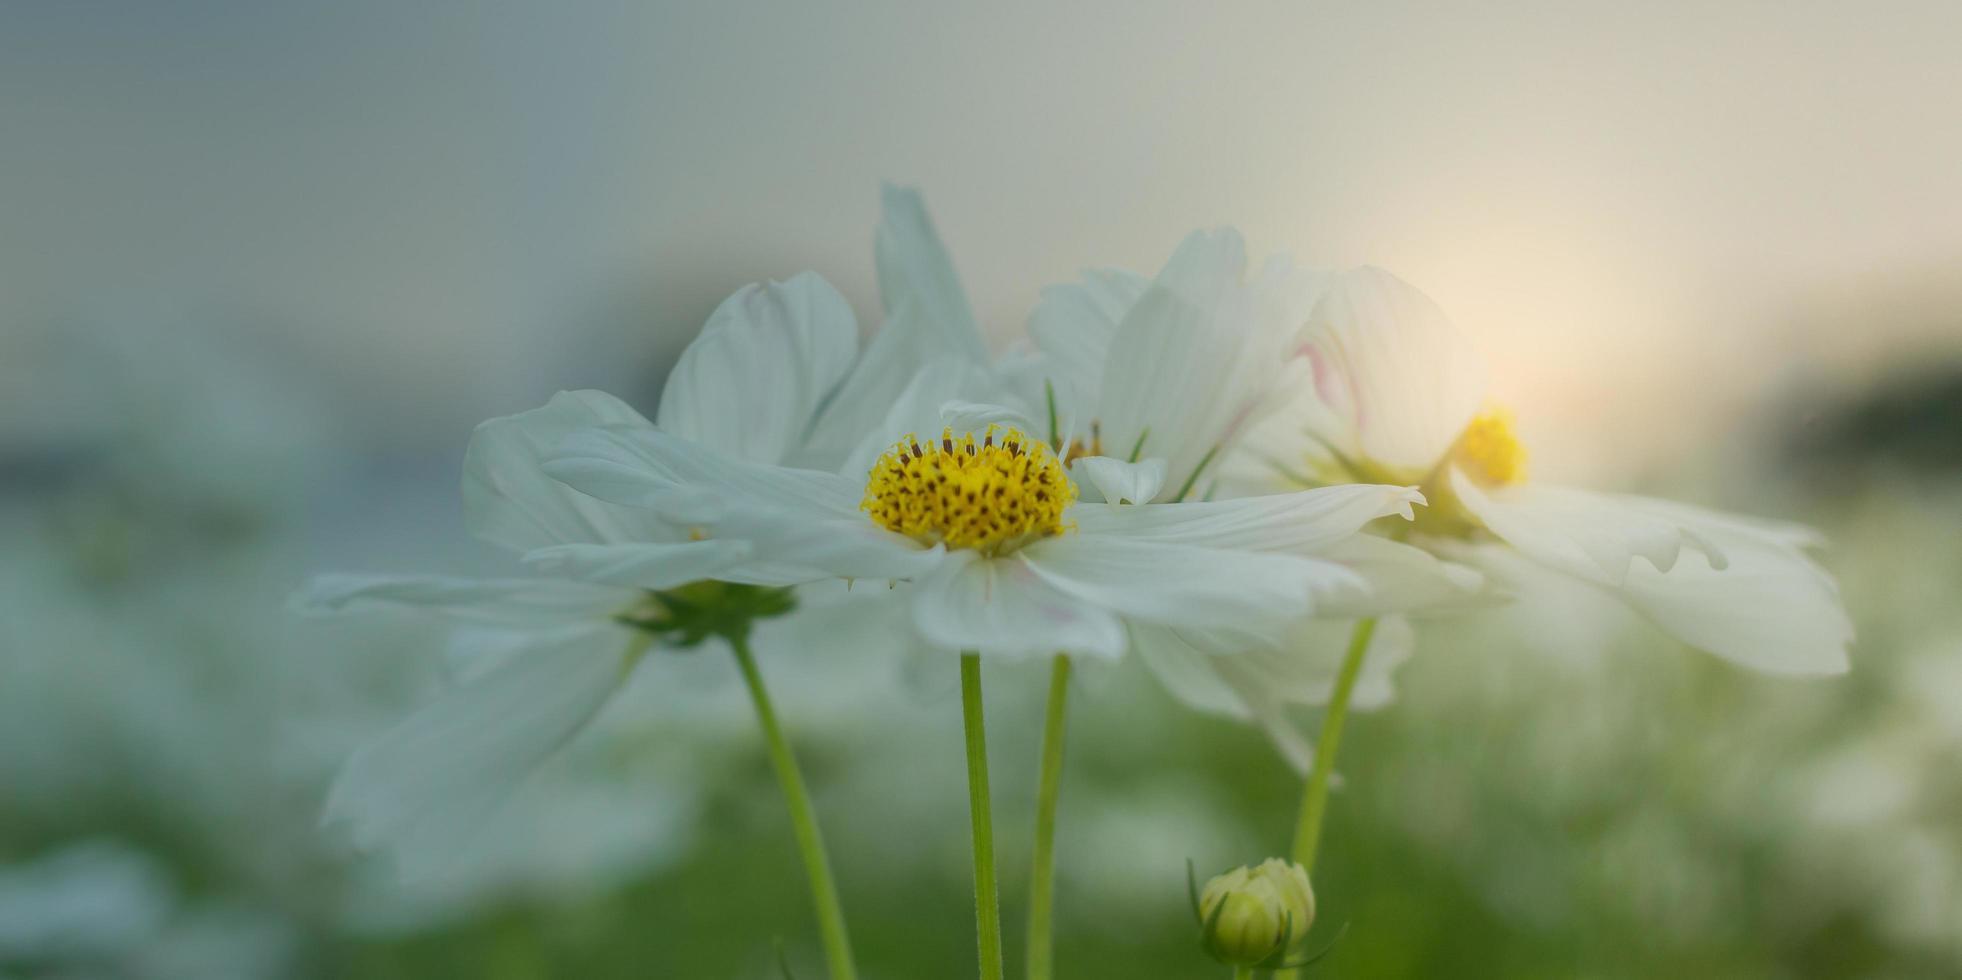 fleur de cosmos blanc photo